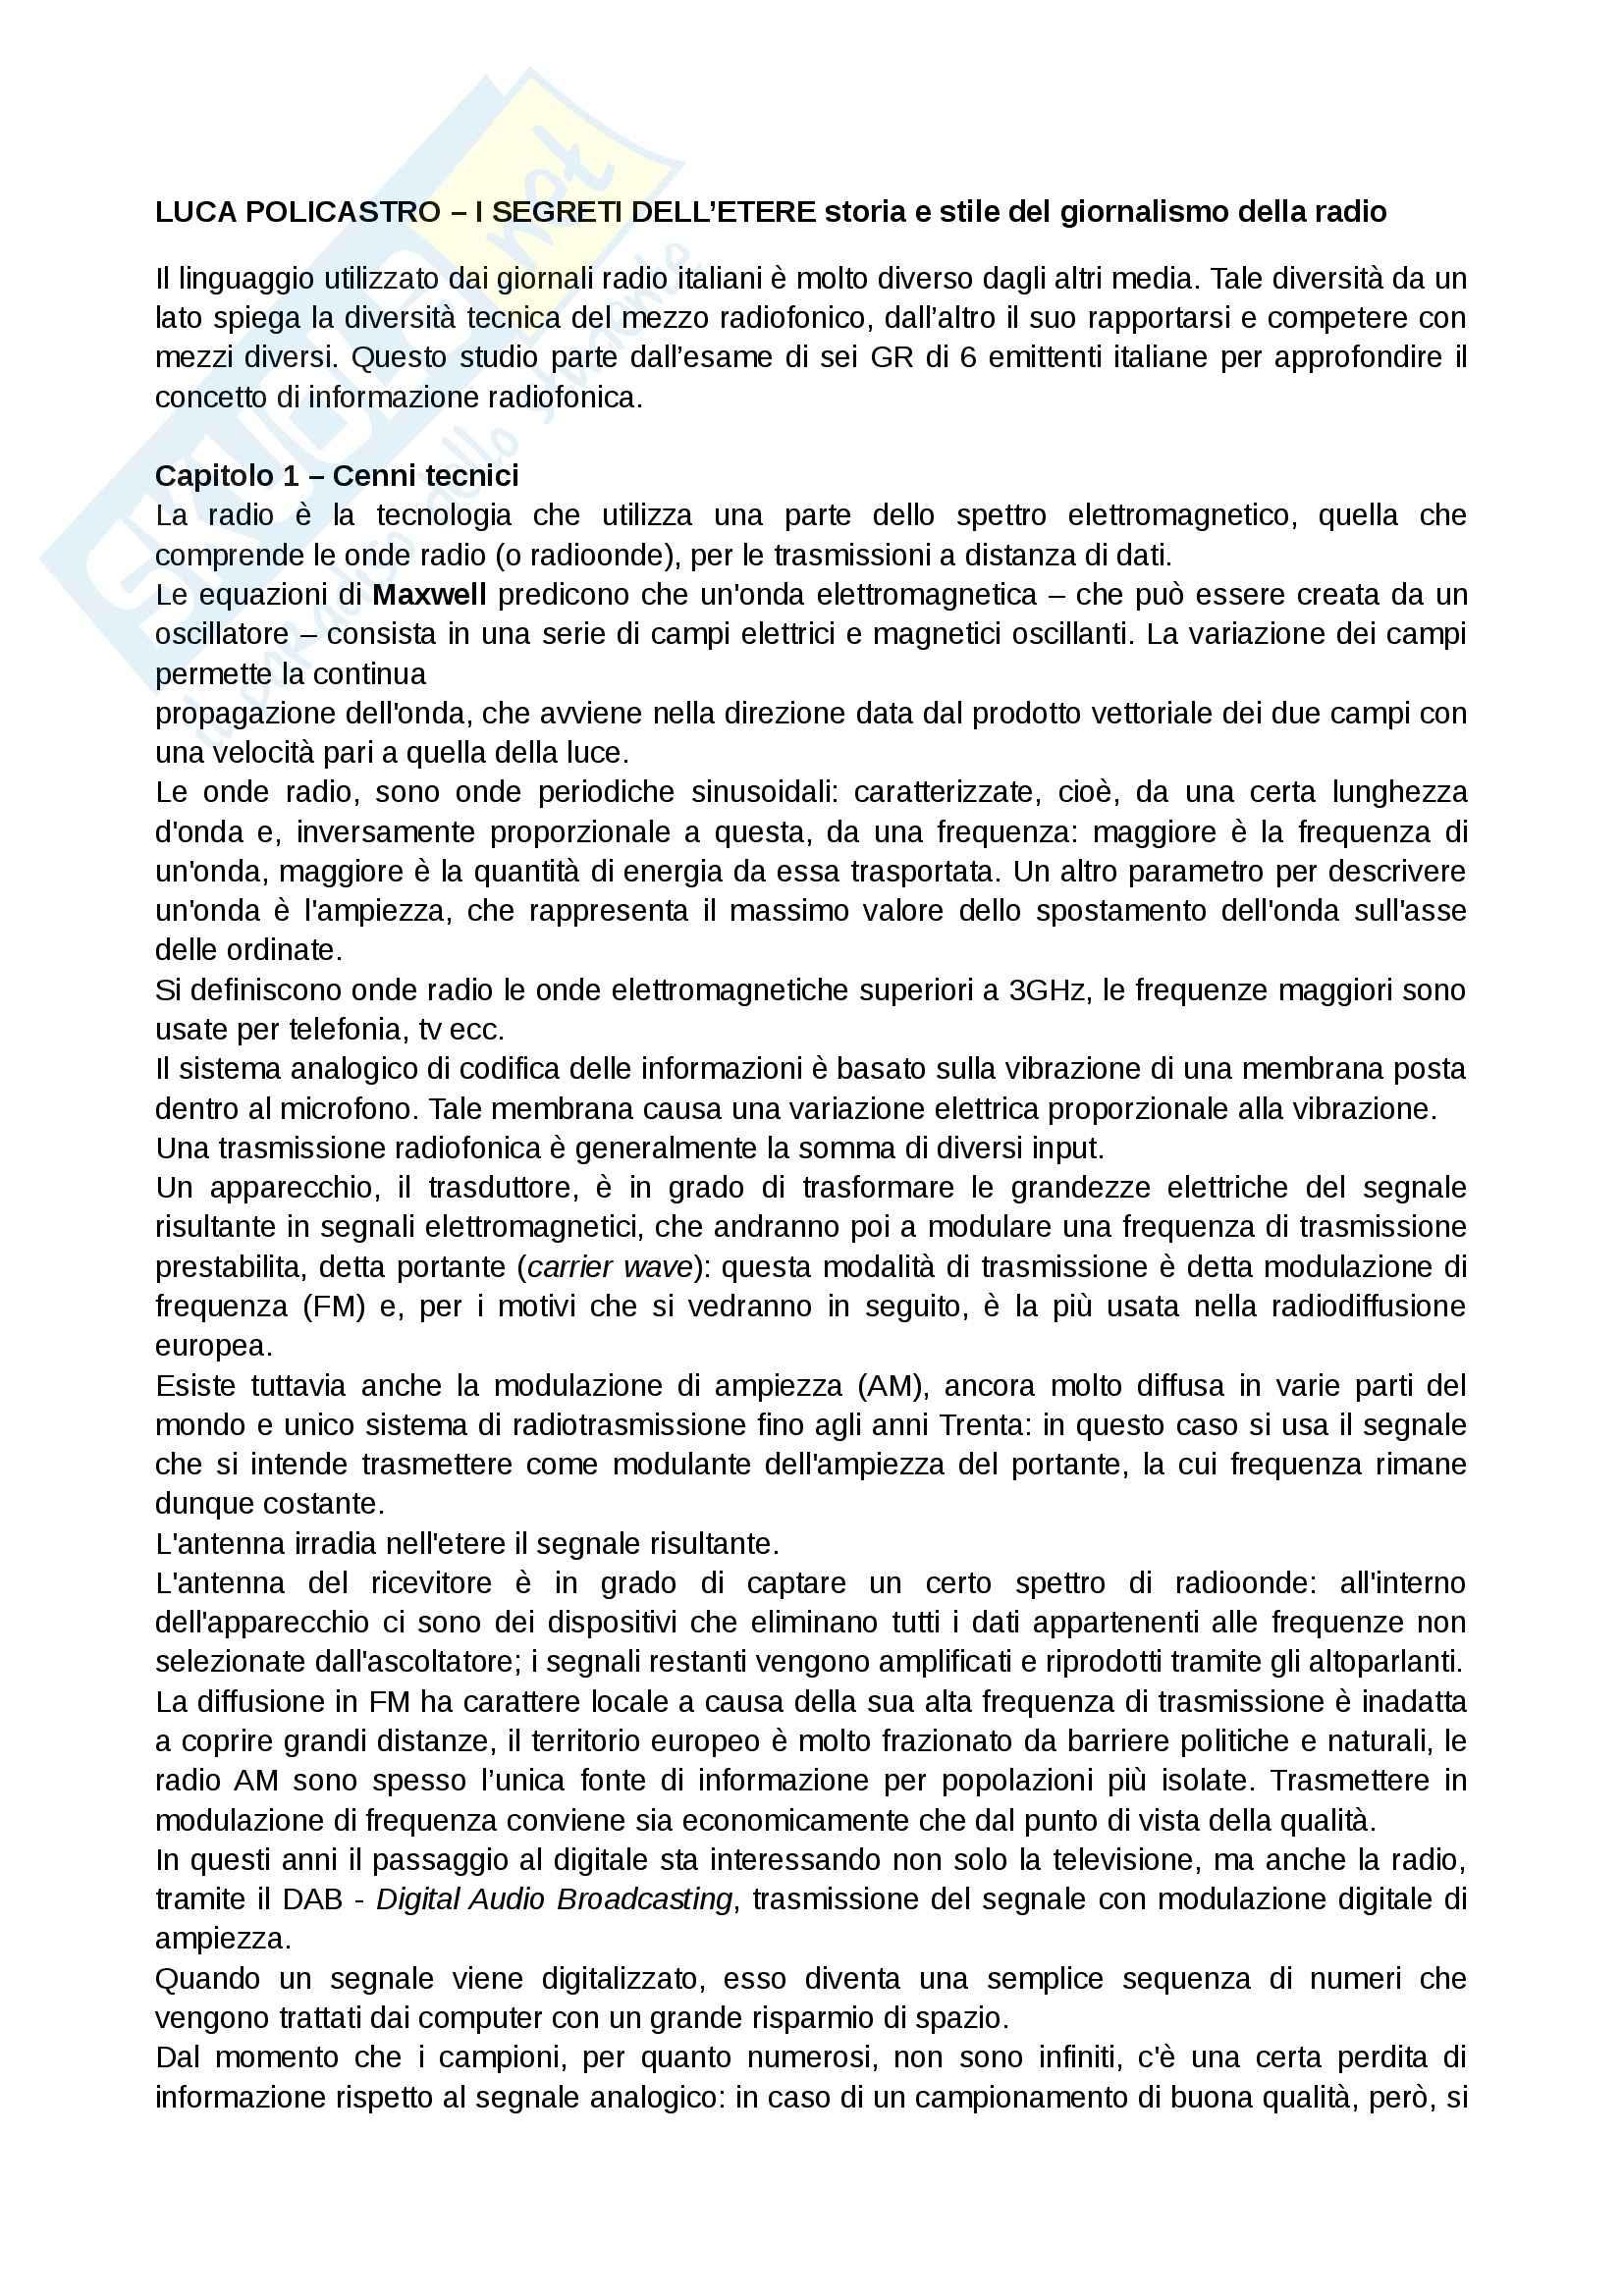 Riassunto esame Giornalismo radiotelevisivo, prof. Morcellini, libro consigliato I Segreti dell'etere, Policastro